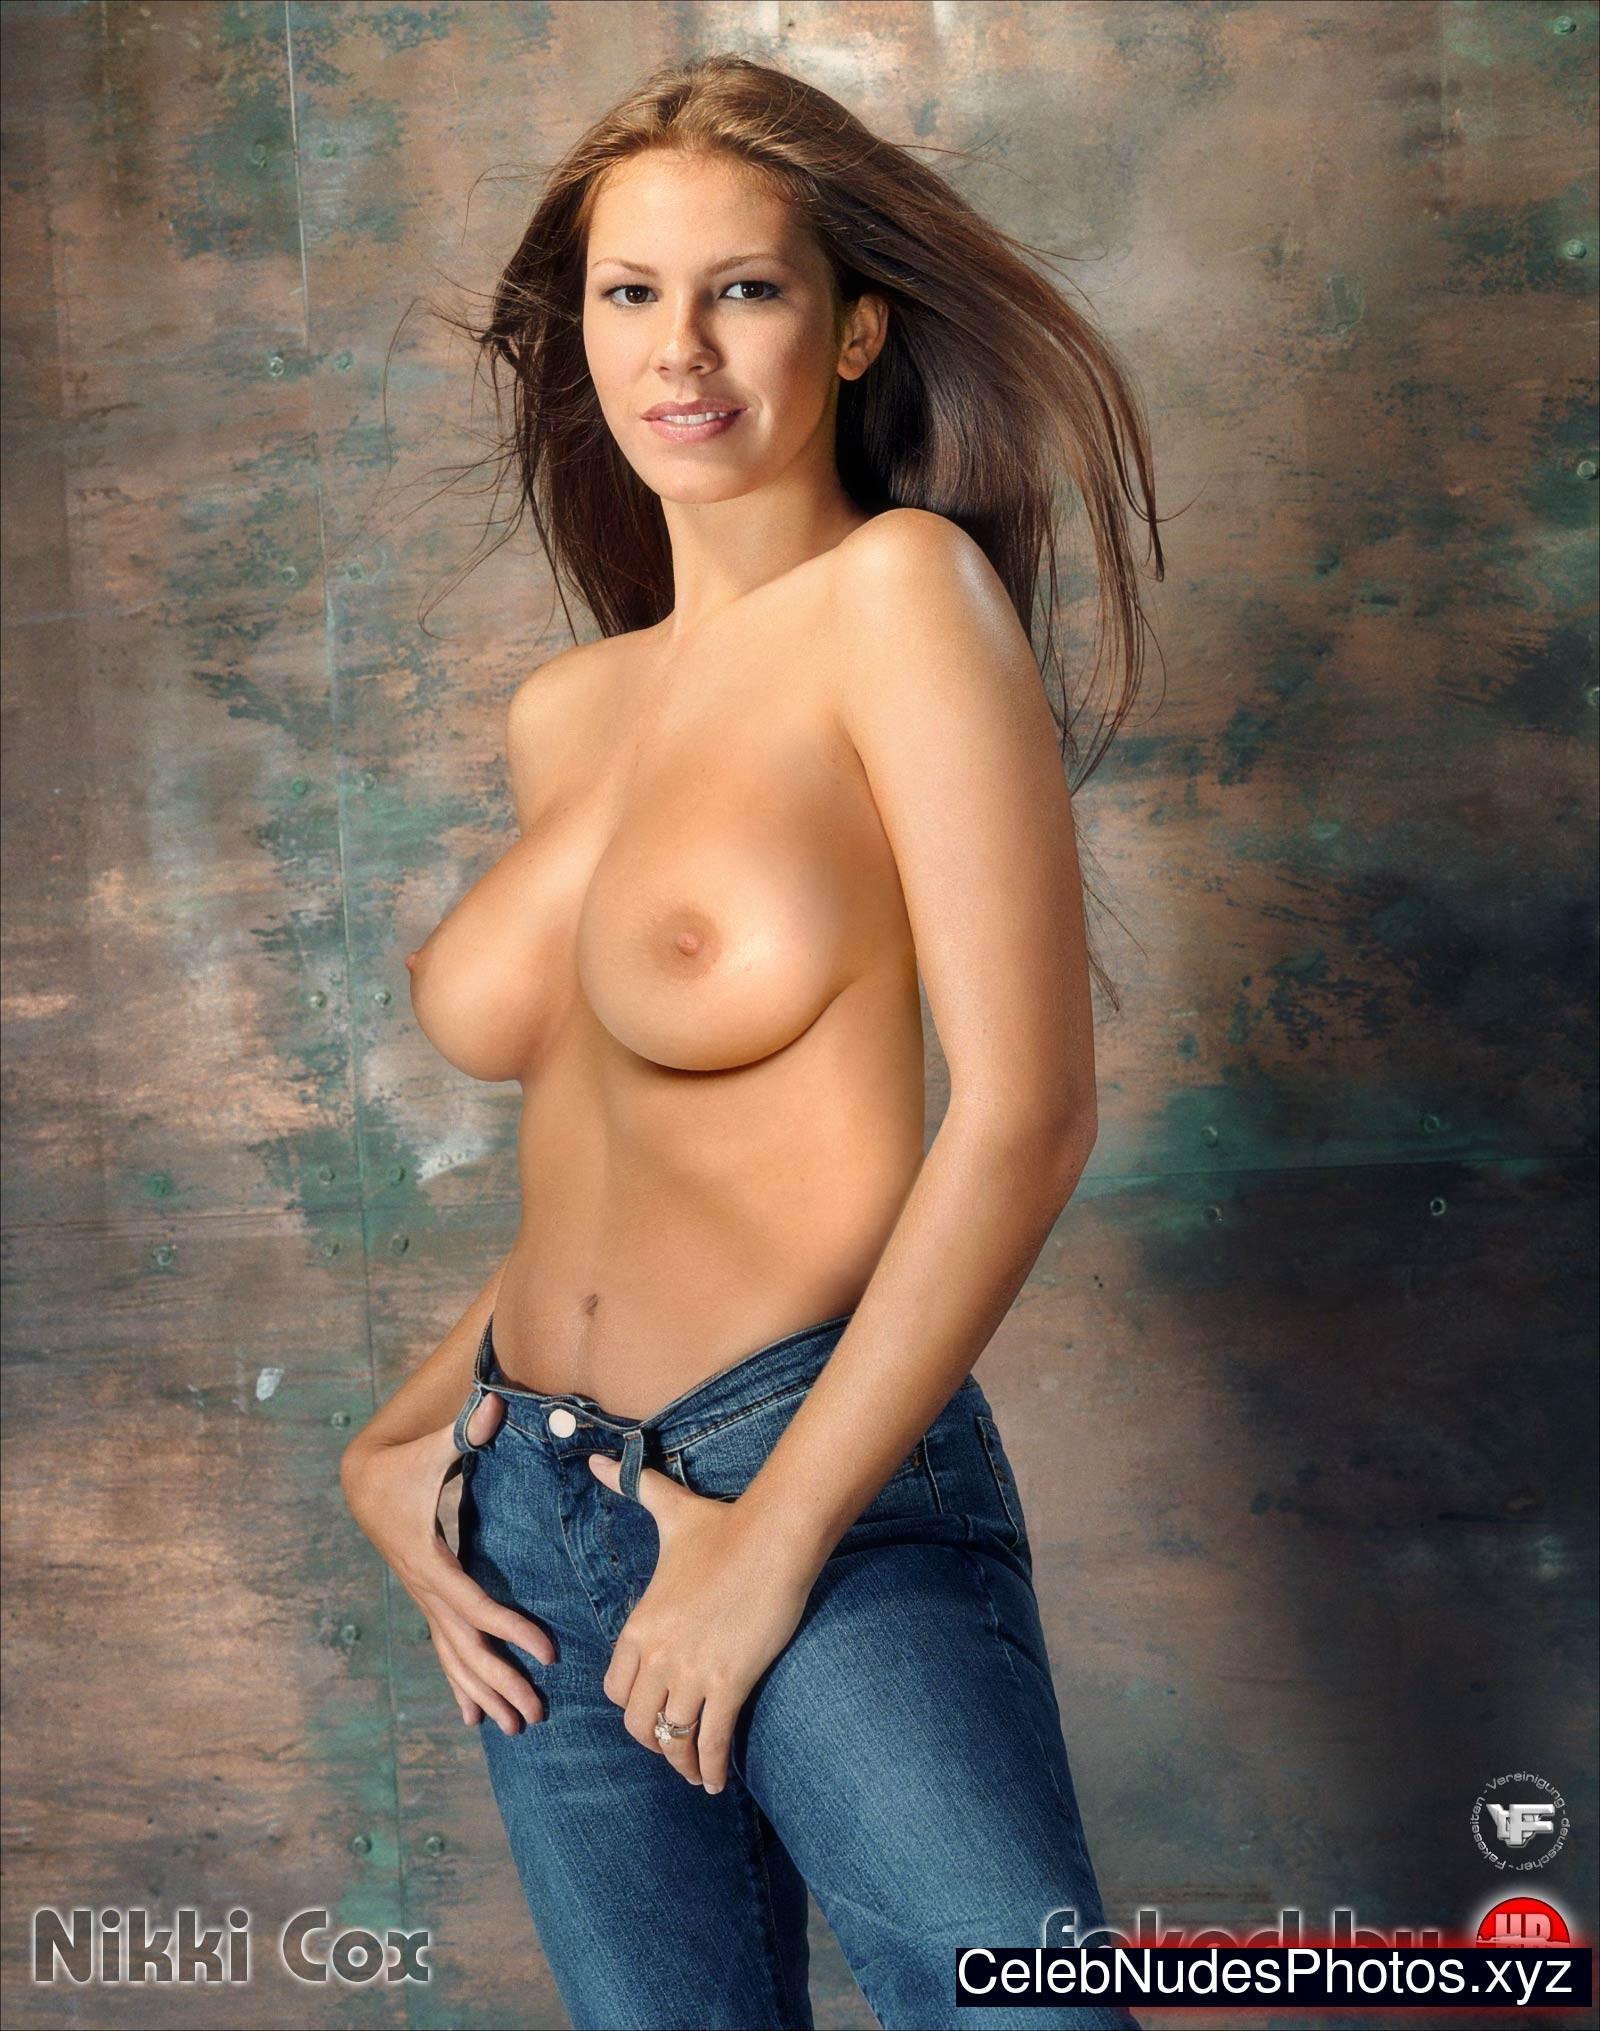 Nicki cox nude